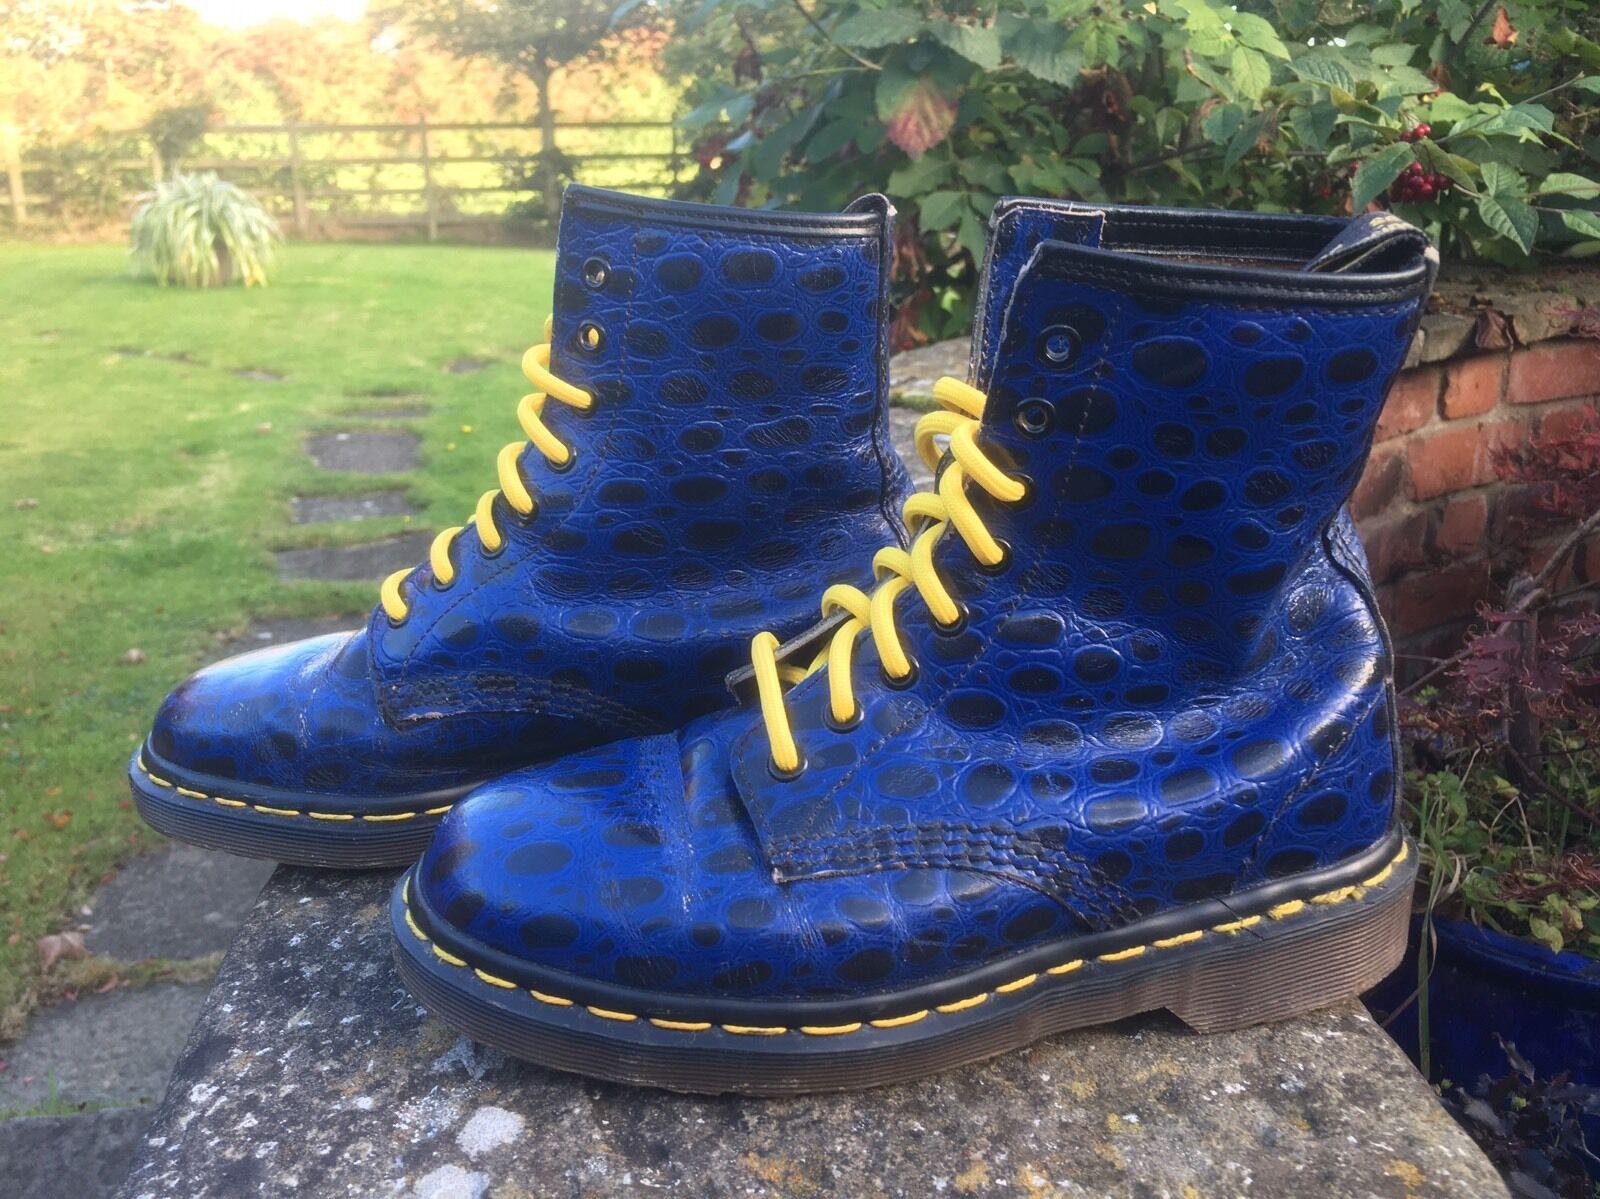 VINTAGE Dr Martens 1460 Blue & 37 Nero Pelle Stivali EU 37 & Made in England e7c55b